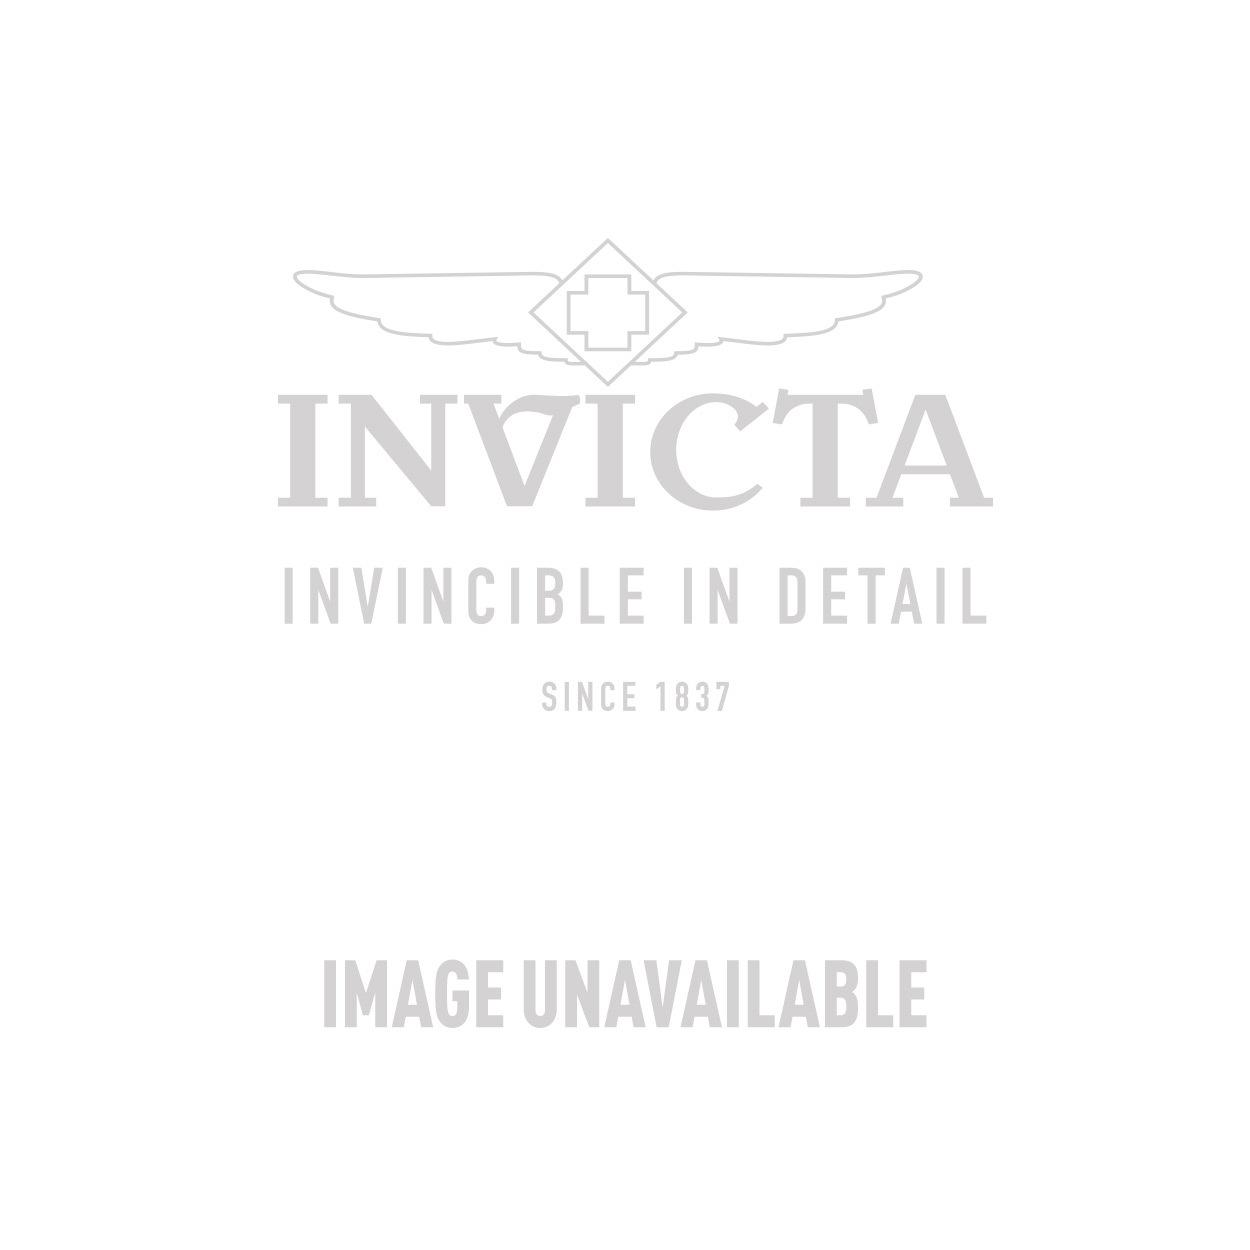 Invicta Model 27365